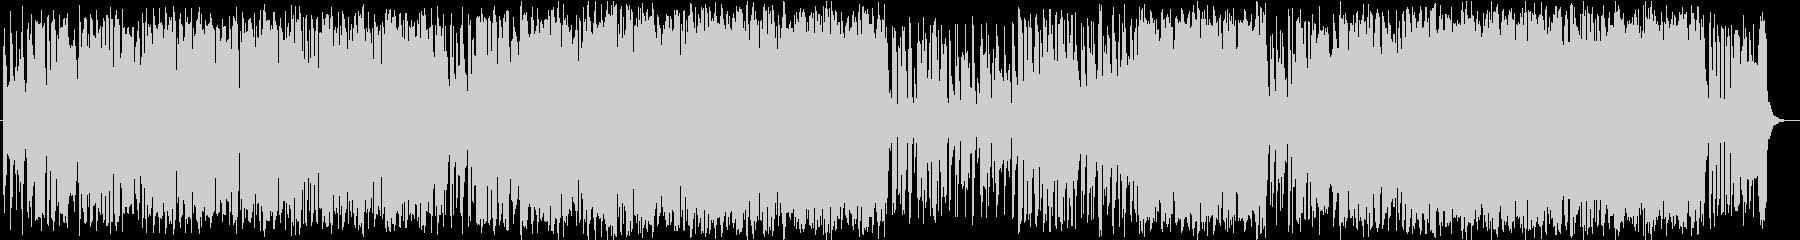 ケルト 中世ヨーロッパ 異世界なBGMの未再生の波形